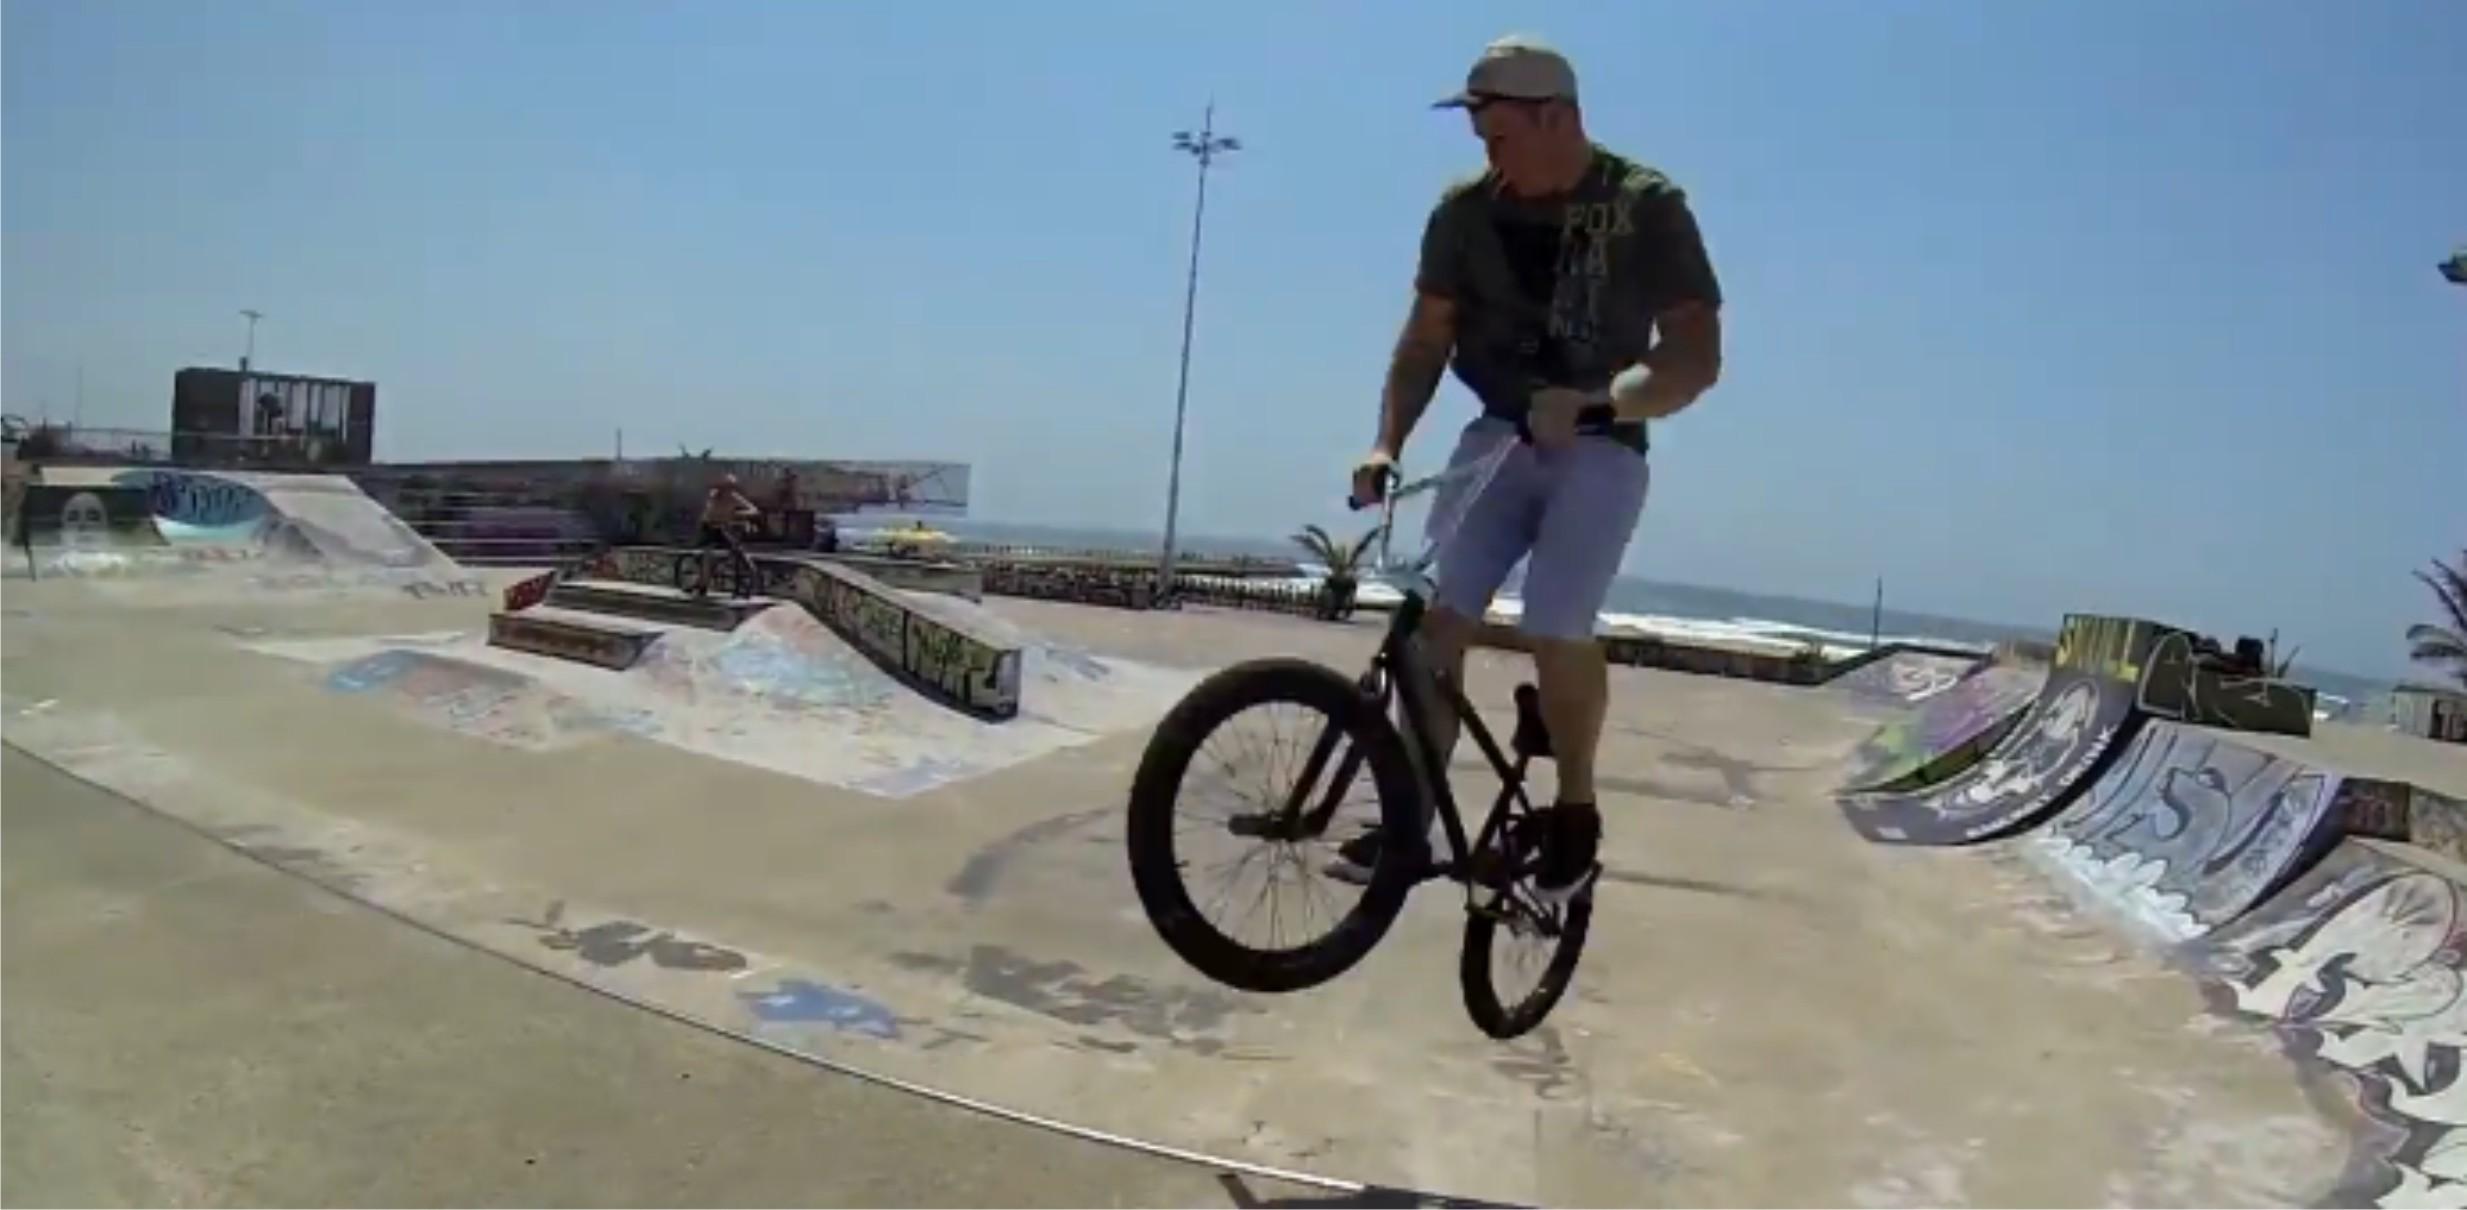 Stuart Loudon BMX Video - Friday Fix